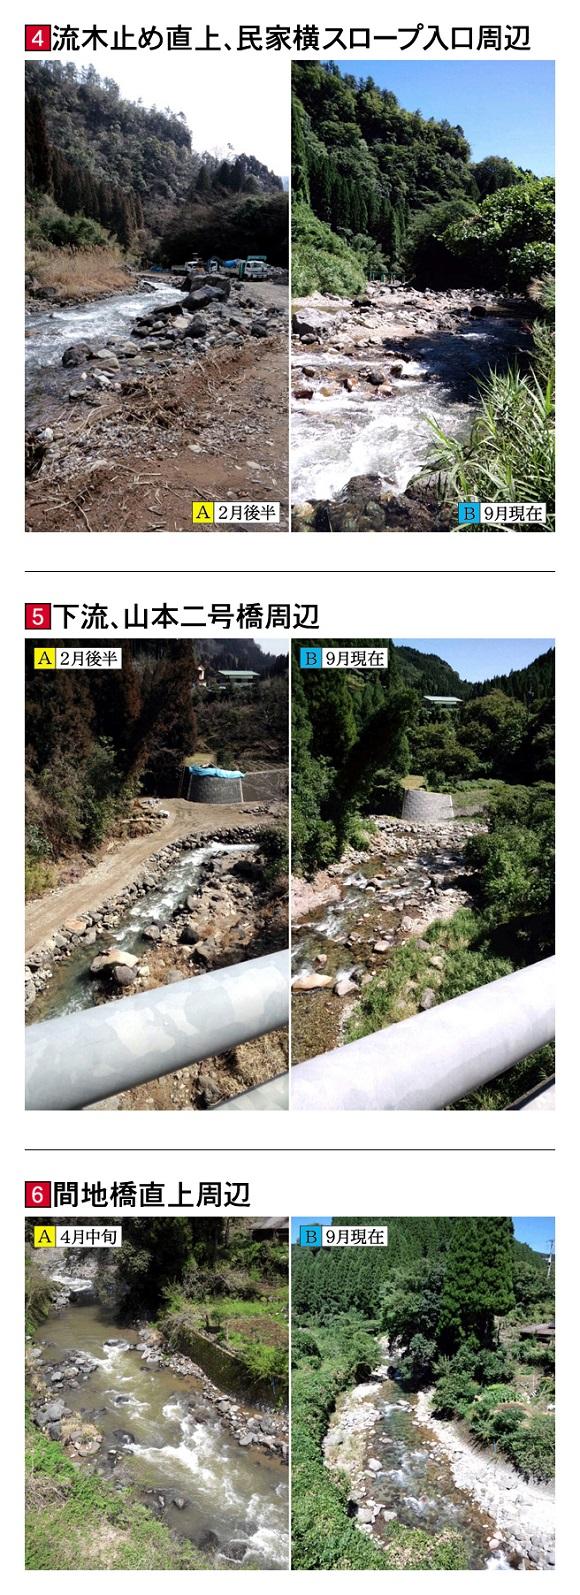 2013年/梅野川/河川変遷分割-2